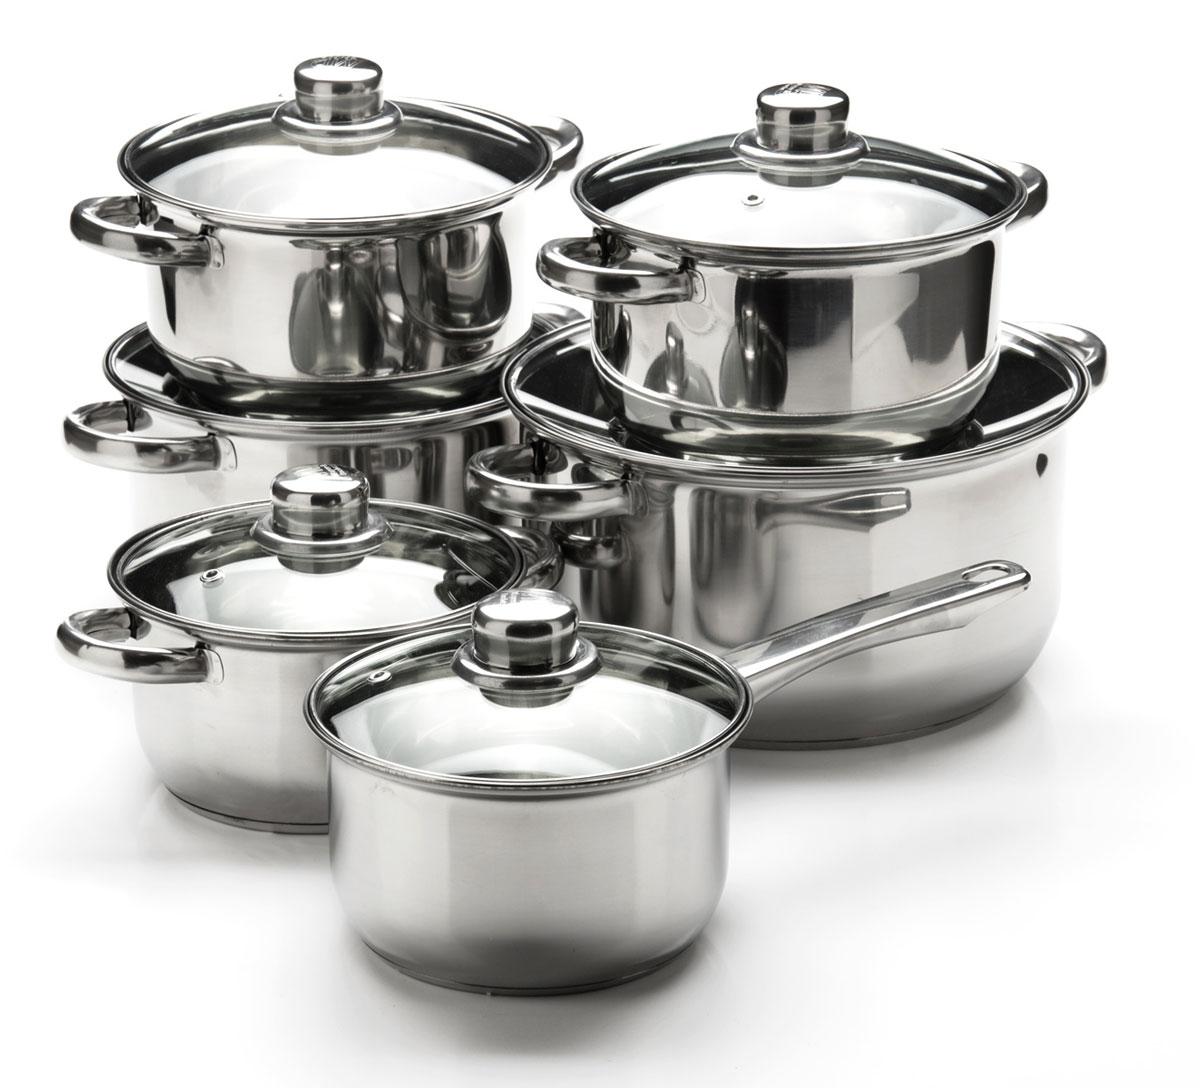 Набор посуды Mayer & Boch, 12 предметов. 2575125751Набор посуды станет отличным дополнением к набору кухонной утвари. С его приобретением приготовление ваших любимых блюд перейдет на качественно новый уровень и вы сможете воплотить в жизнь любые кулинарные идеи. В комплект входят 12 предметов: сотейник (объем 1,4 л), 3 кастрюли (объем 1,4, 2,9, 4,9 л) и 2 кастрюли ( объем 2 л), 6 крышек. Набор многофункционален и удобен в использовании, подойдет для варки супов, приготовления блюд из мяса и рыбы, гарниров, соусов т. д.